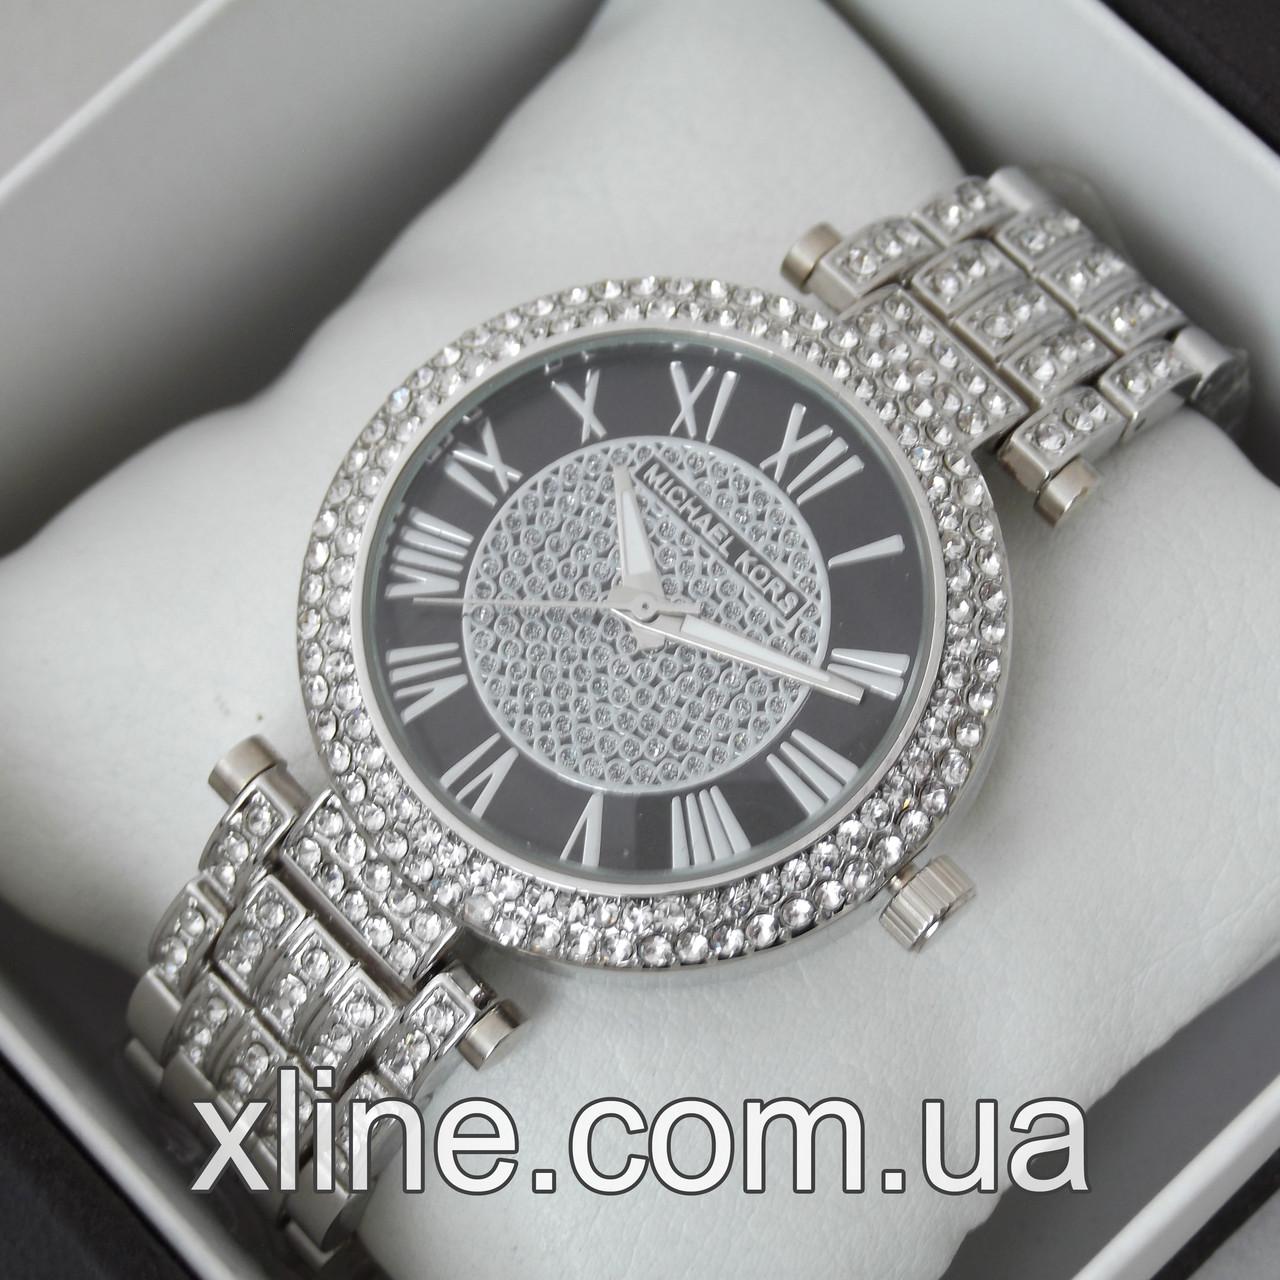 Жіночі наручні годинники Michael Kors MK-160 на металевому браслеті